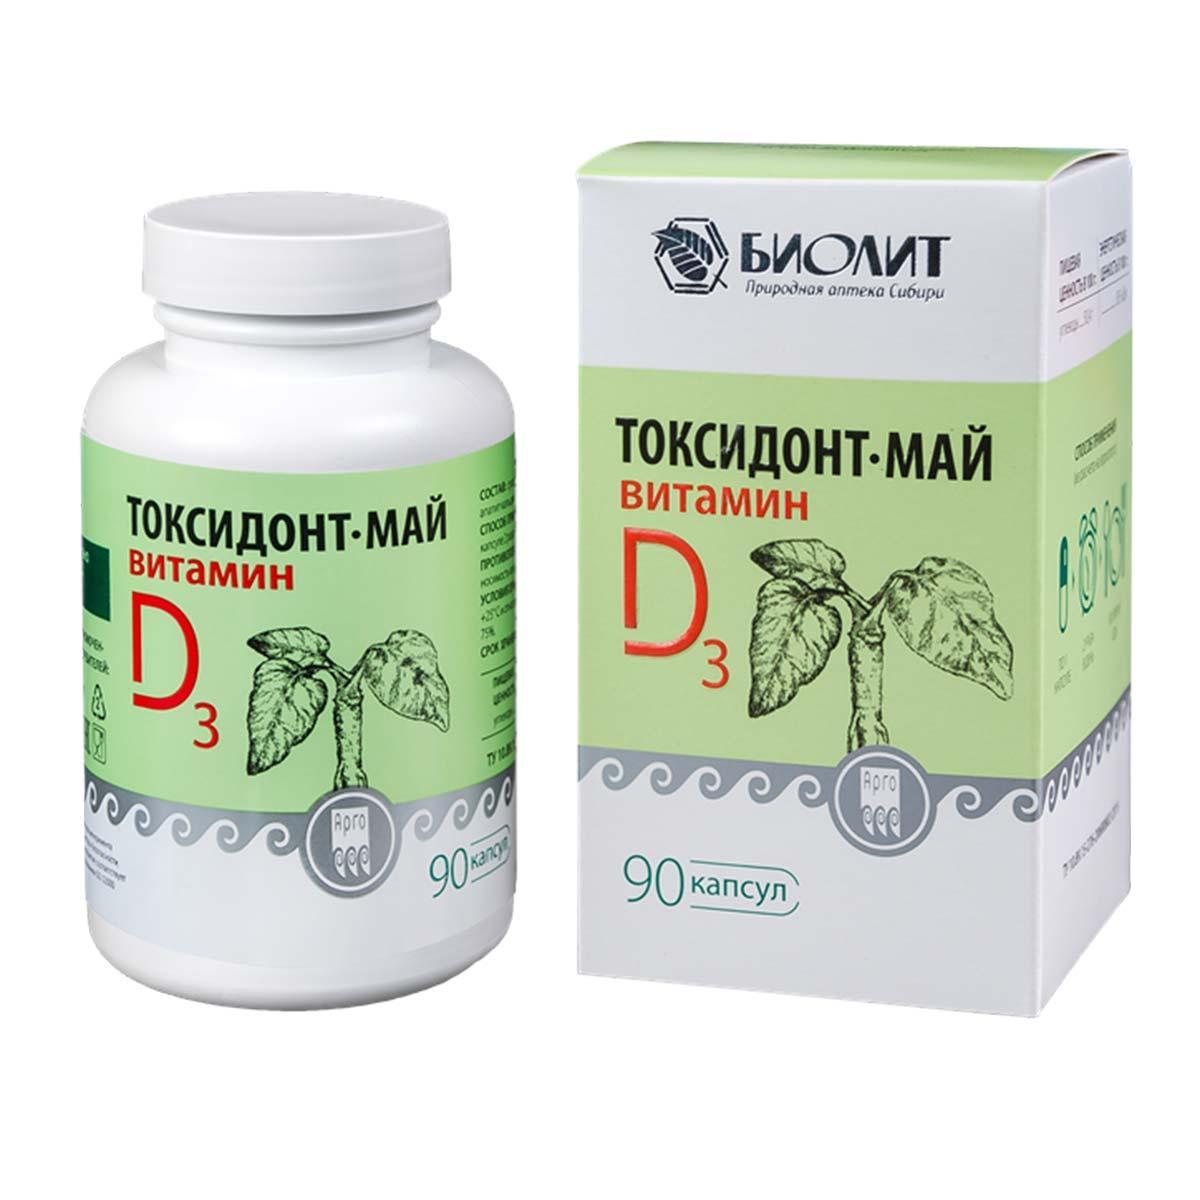 Токсидонт май с витамином D3 90 капсул (остеопороз, мастопатия, киста, аллергия, подагра, онкология, диабет)